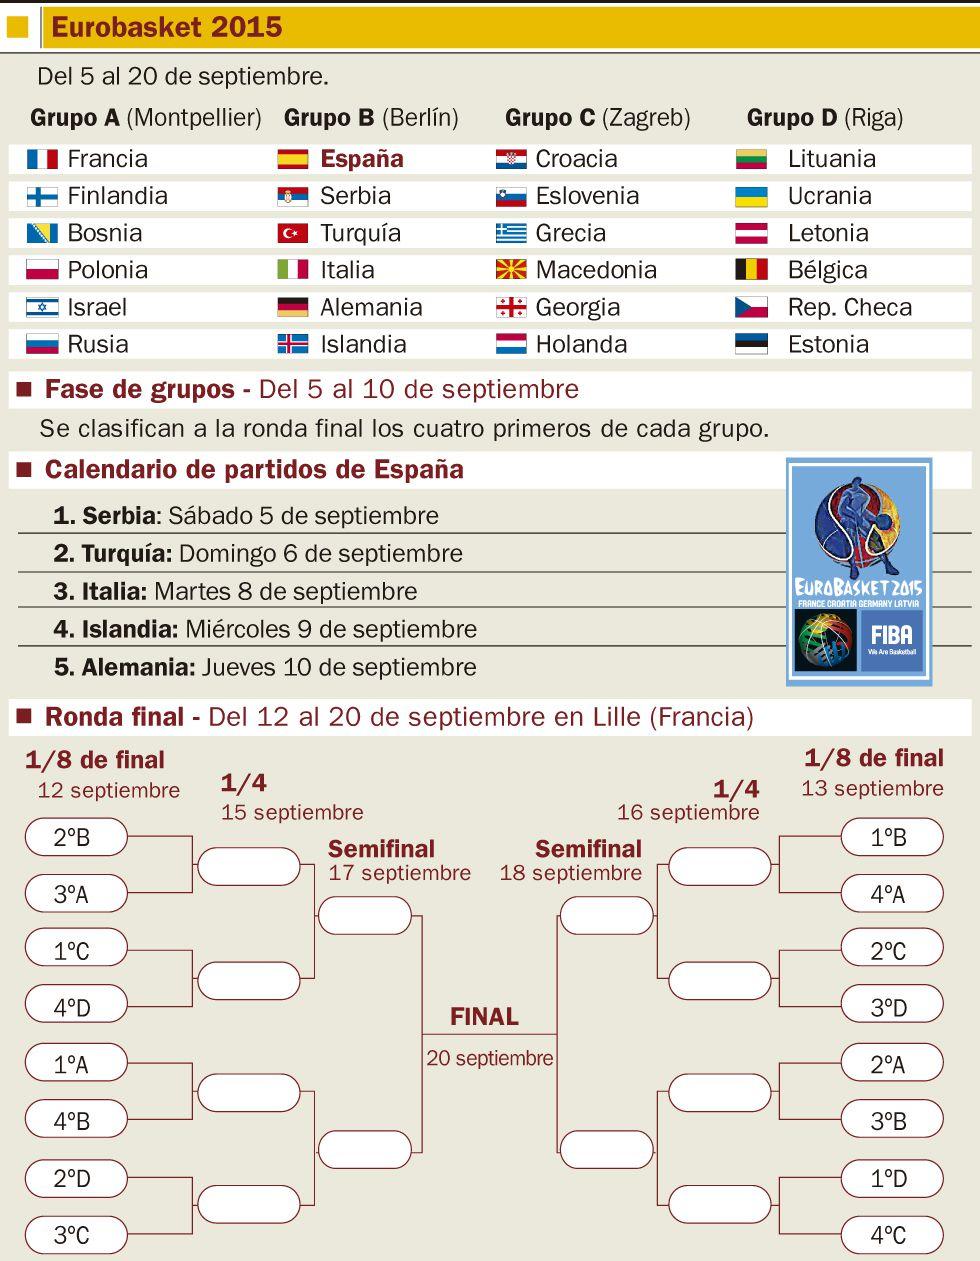 Calendario Eurobasket.Calendario Del Eurobasket 2015 As Com